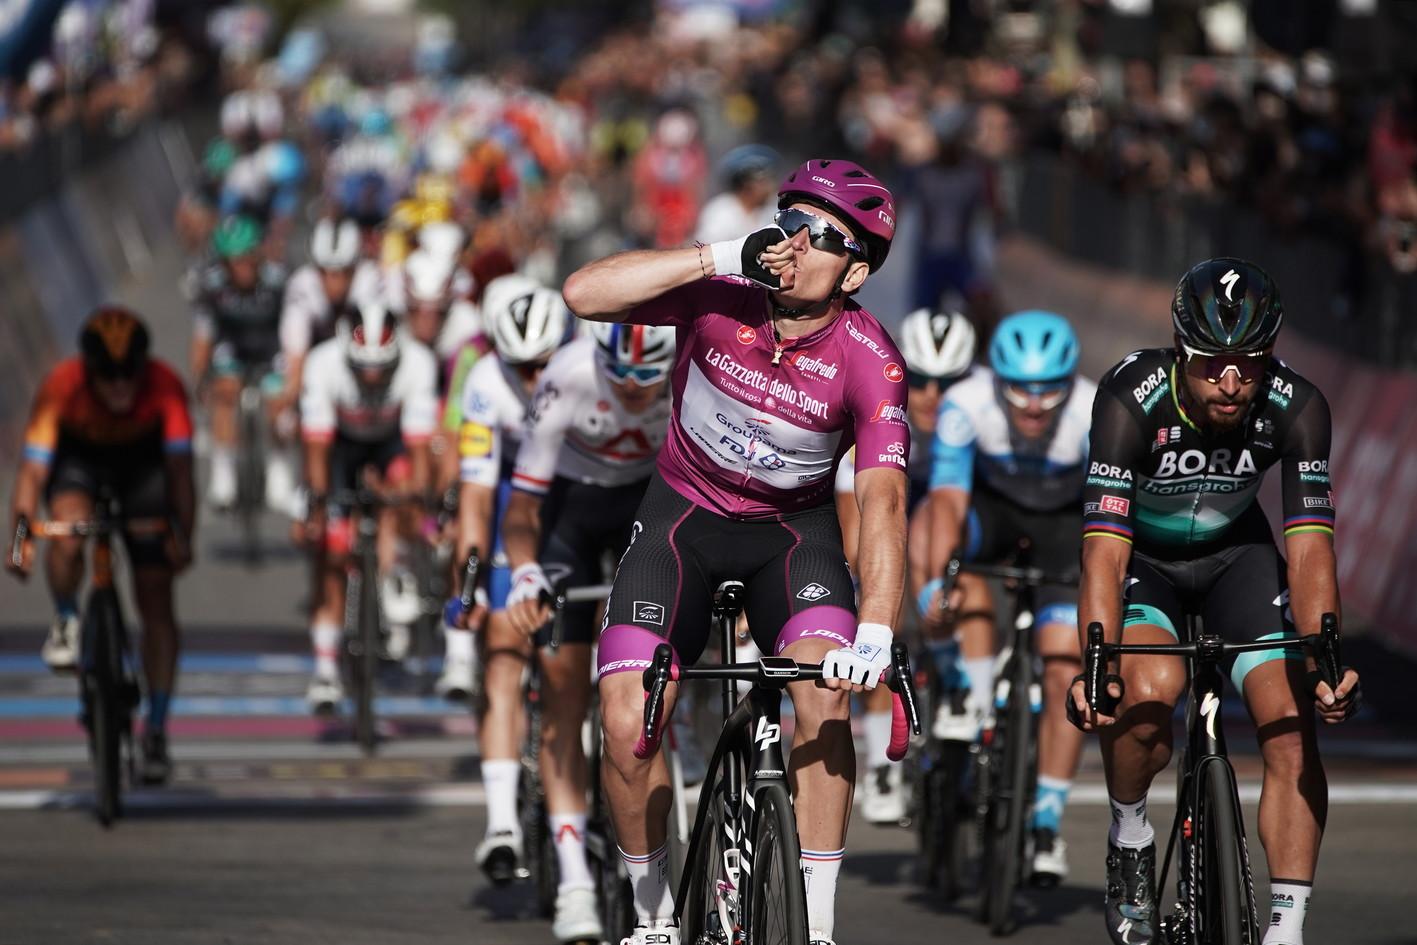 Terzo arrivo&nbsp;in volata al Giro d&rsquo;Italia 2020&nbsp;e terza vittoria&nbsp;per Arnaud Demare. Il francese della Groupama-Fdj conquista a Brindisi il secondo successo di fila, battendo in volata&nbsp;Peter Sagan&nbsp;e Michael Matthews&nbsp;al termine di una tappa&nbsp;molto combattuta.<br /><br />